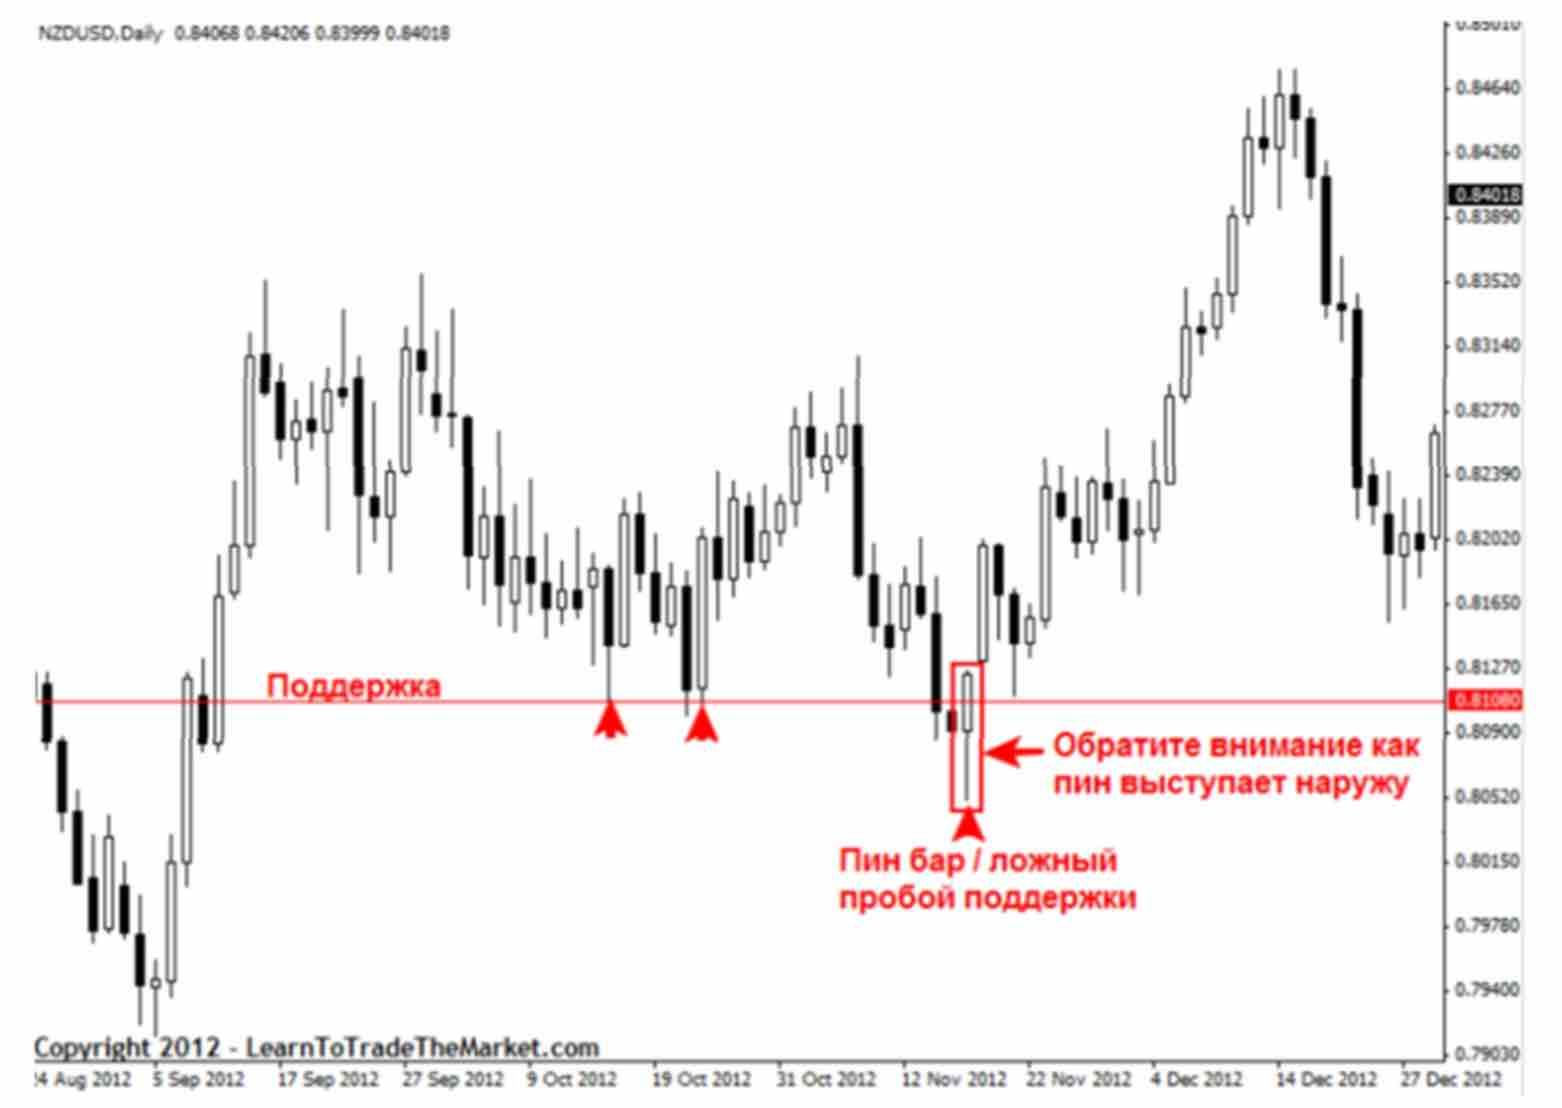 signal 01 Как отличить хорошие и плохие торговые сигналы прайс экшен?